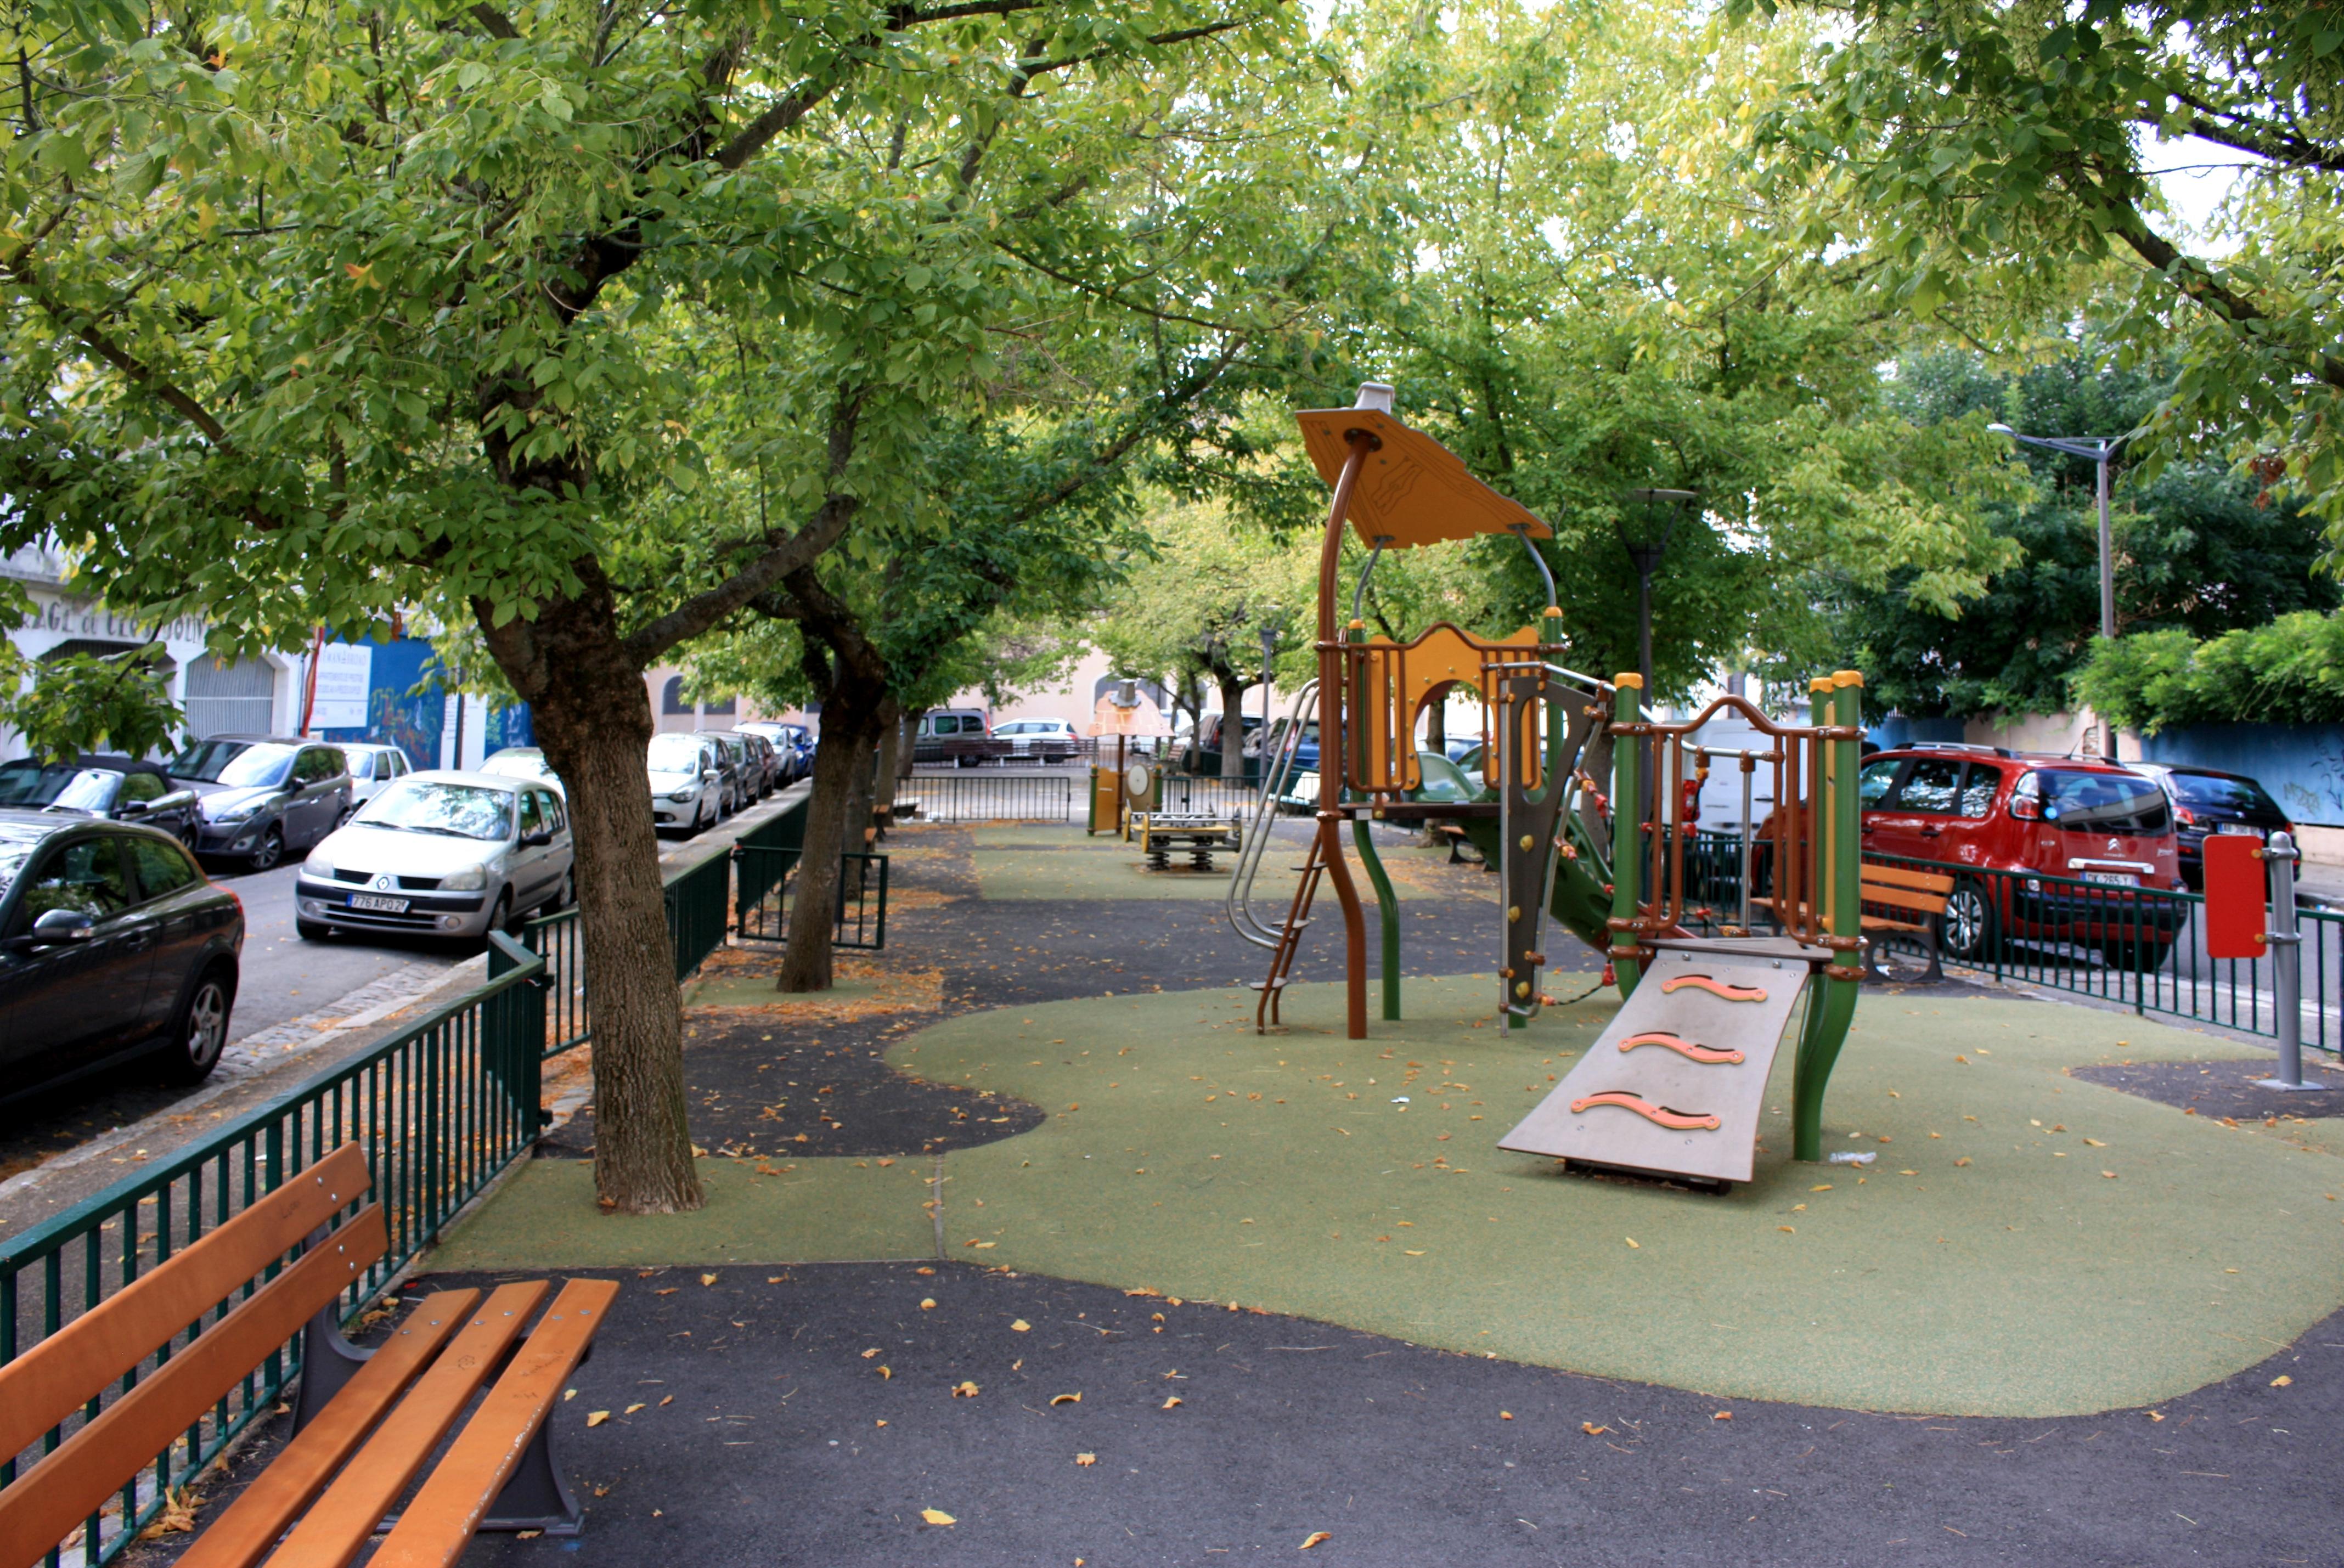 Photographes en rh ne alpes parc jeux pour enfants for Parc de jeux yvelines